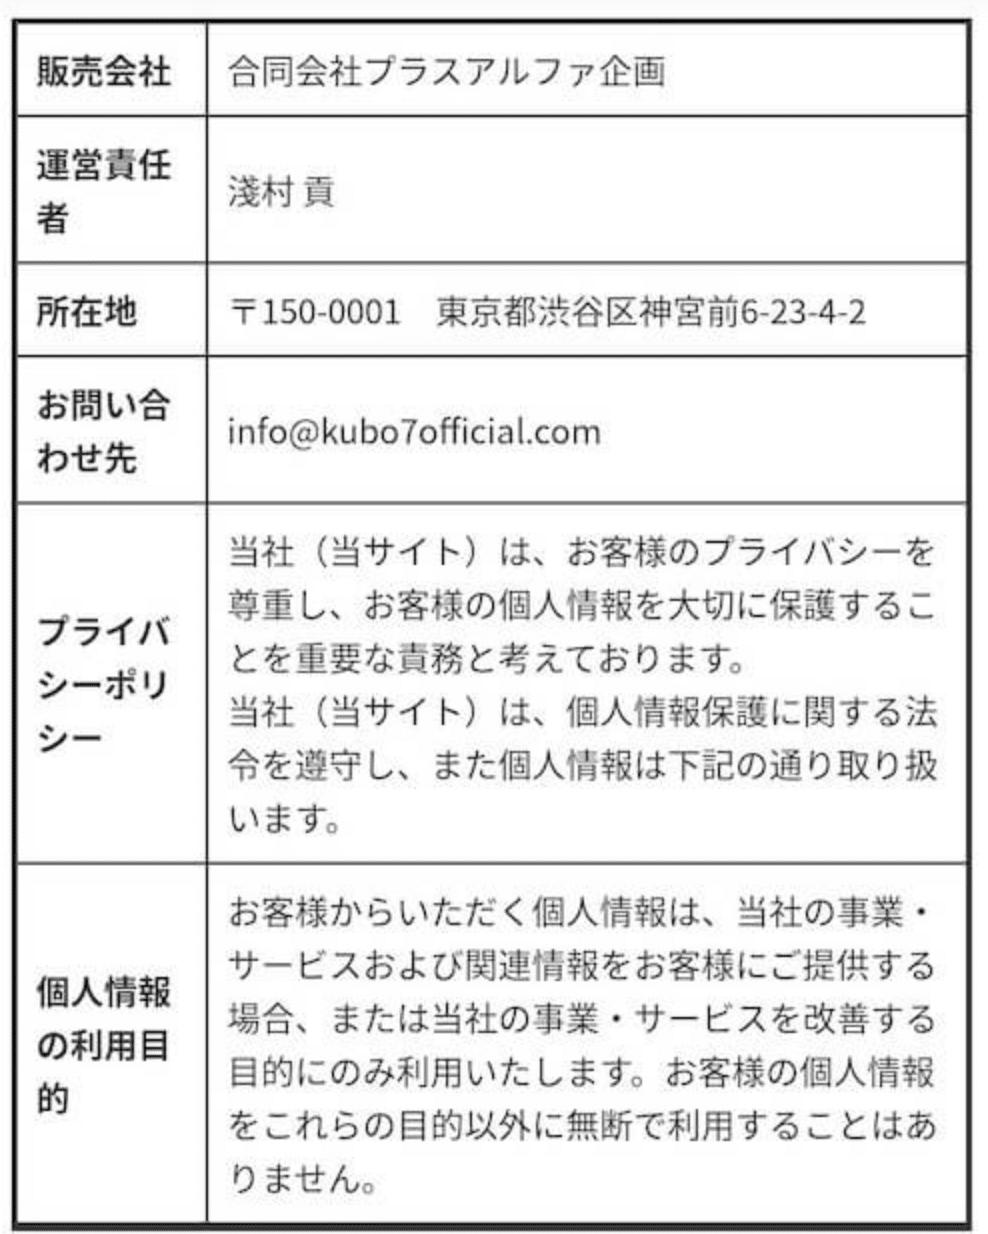 久保優太 Kubo7特商法